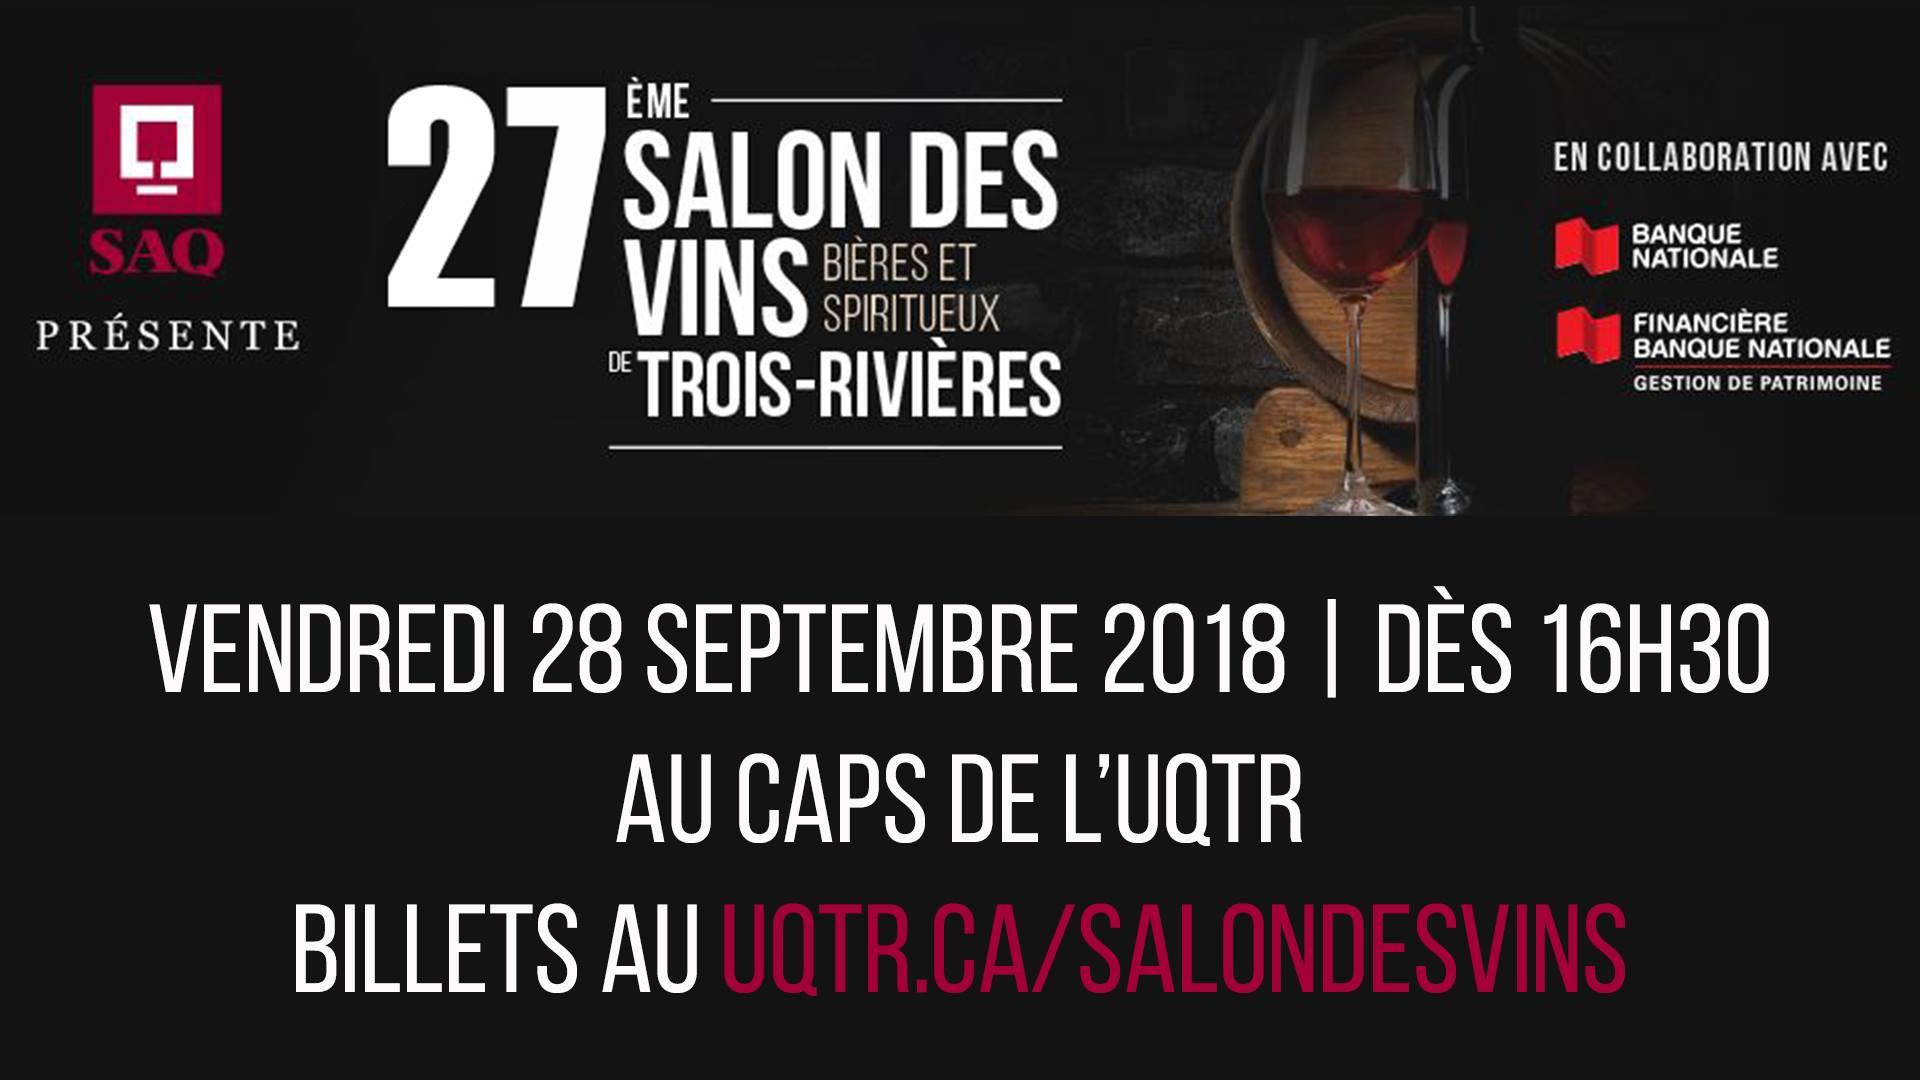 27e Salon des vins, bières et spiritueux de Trois-Rivières